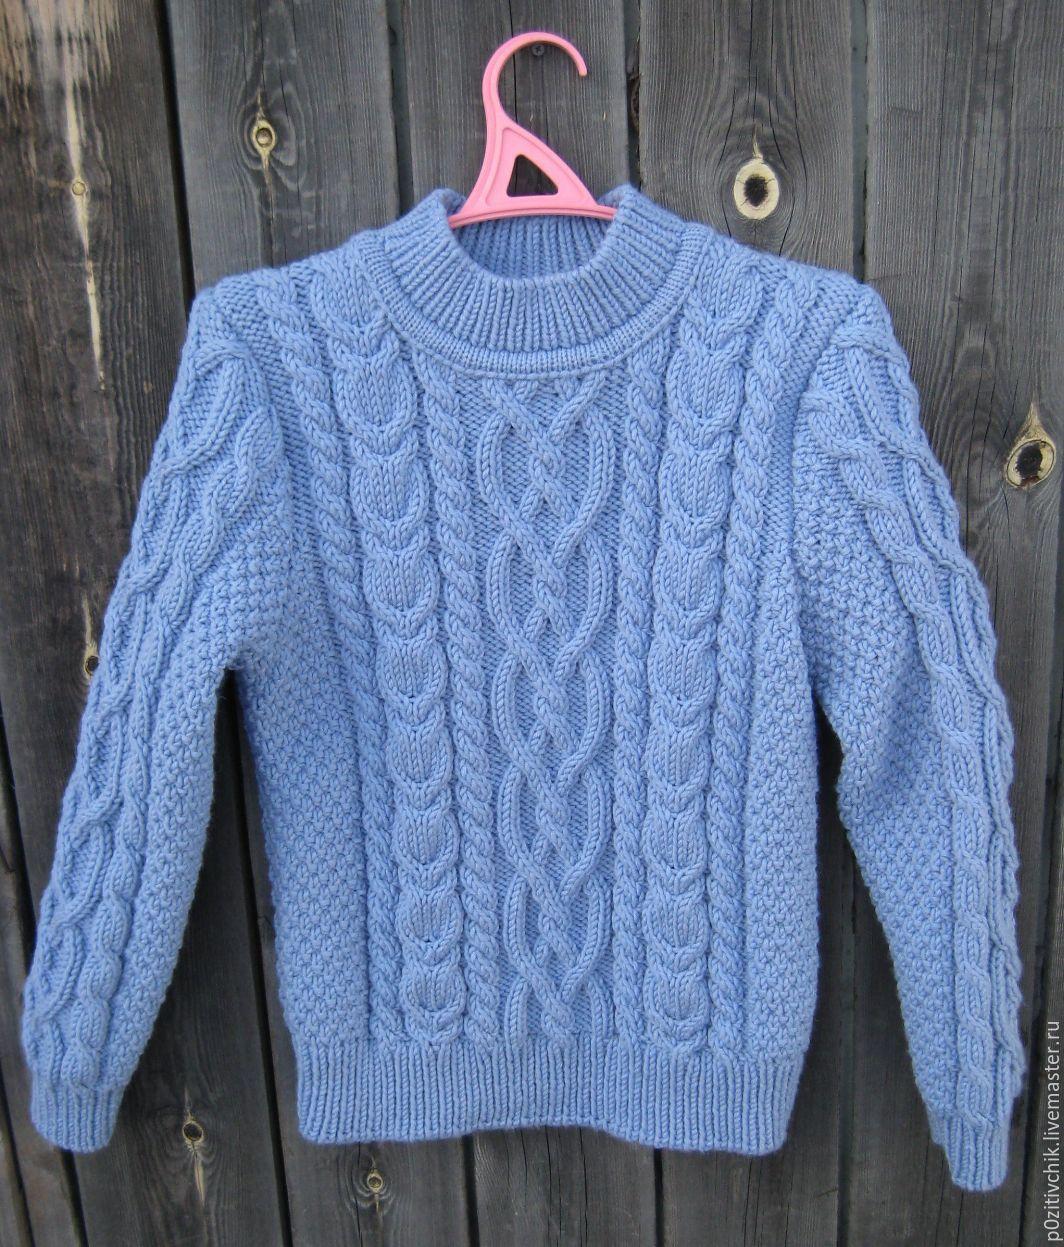 c7302ad59715 Купить Свитер мужской ручной вязки - свитер мужской, свитер, свитер  вязаный, свитер для мальчика